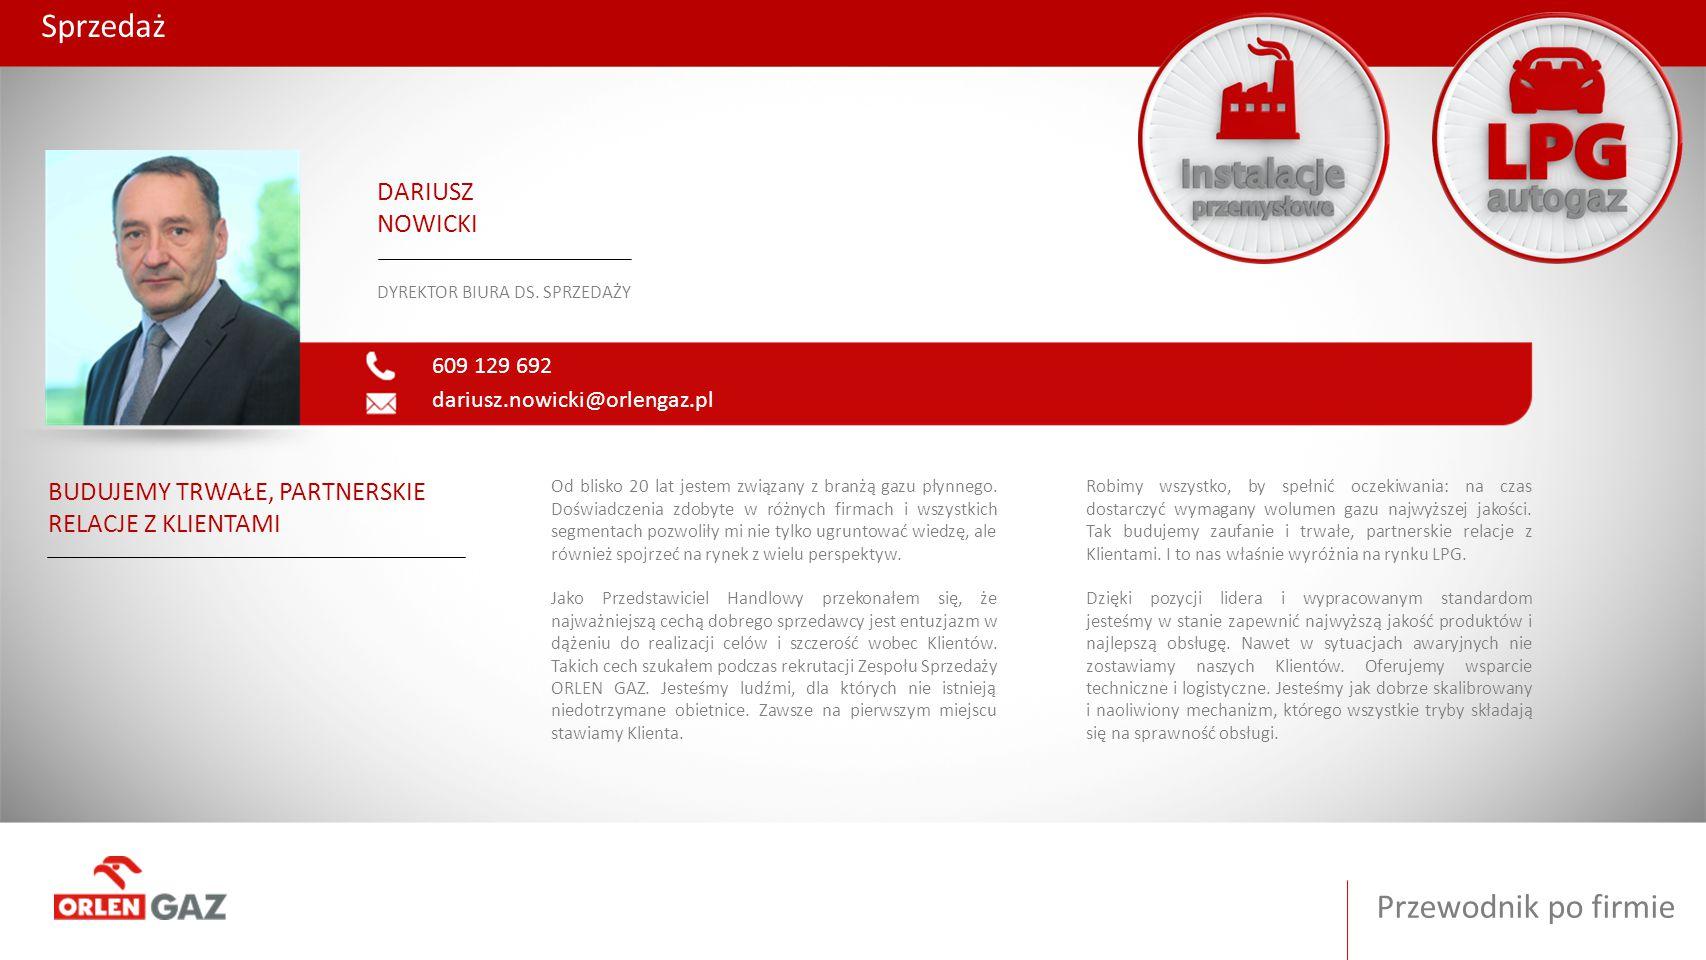 Przewodnik po firmie Trading 693 532 091 liliana.błaszczyk@orlengaz.pl LILIANA BŁASZCZYK KIEROWNIK DZIAŁU DS.